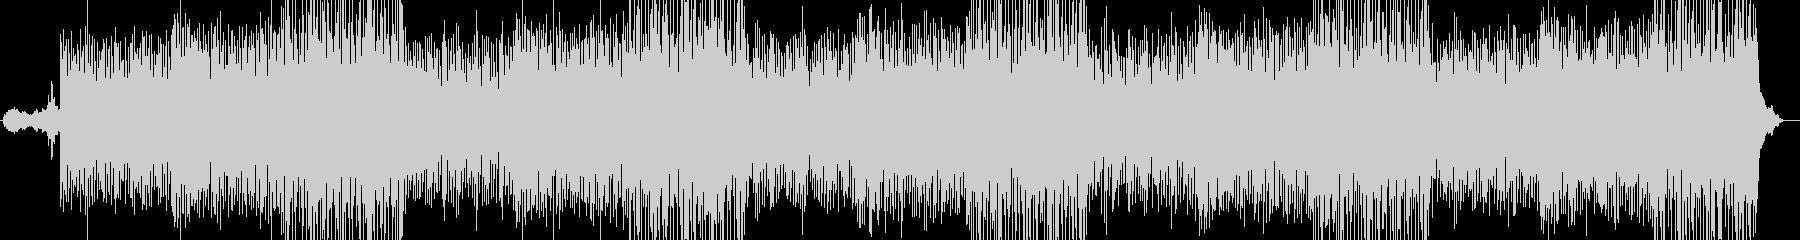 ピアノのリフが心地よく優しいBGMの未再生の波形